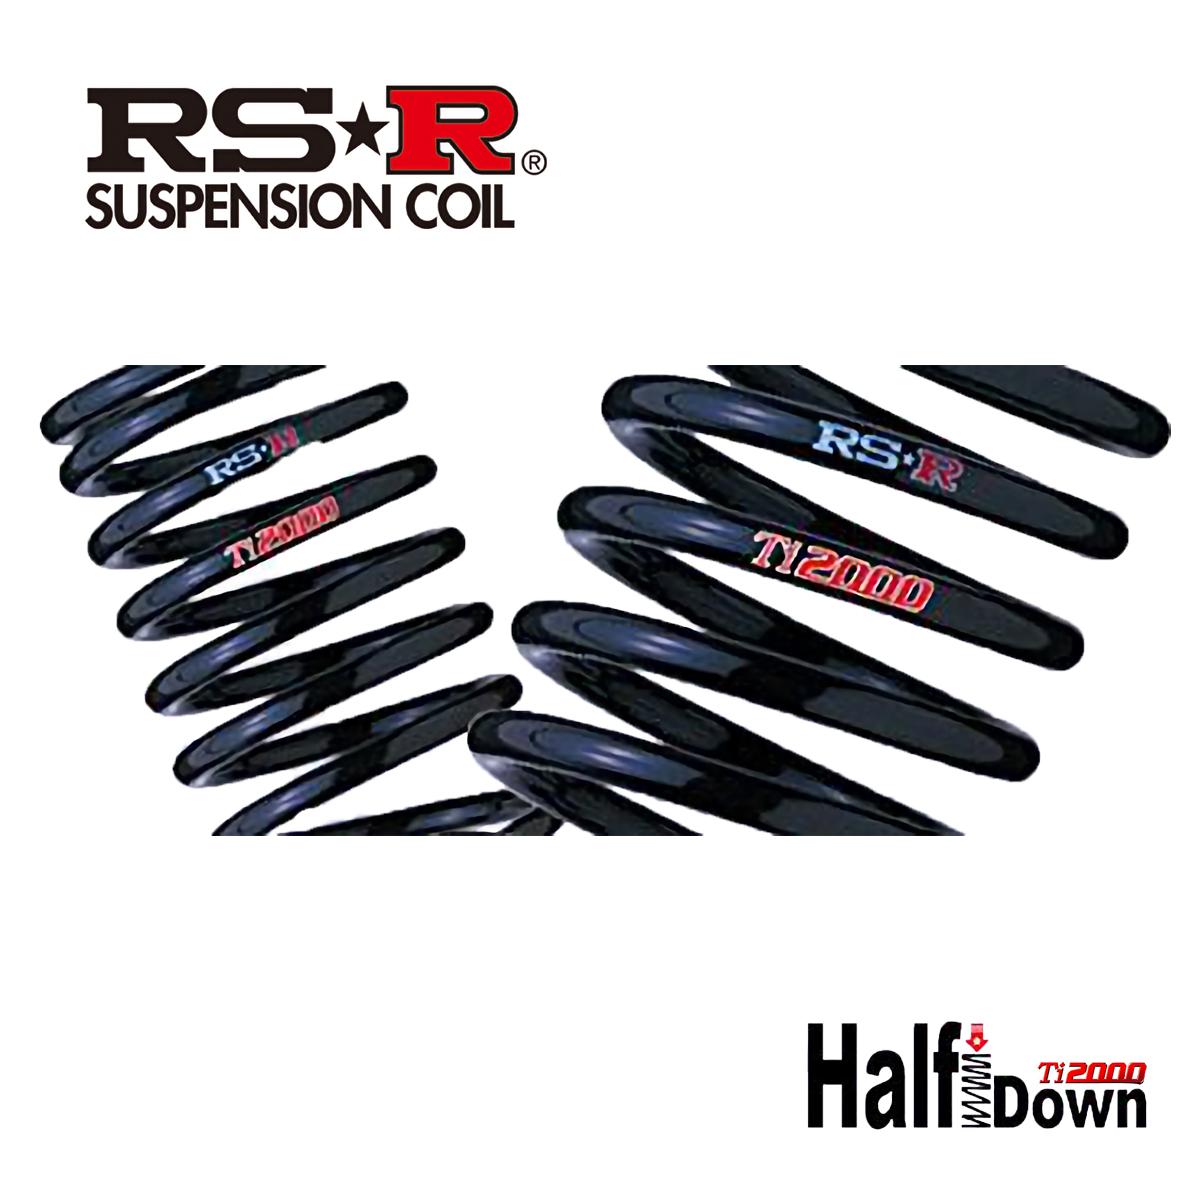 RS-R キャスト スポーツSA2 LA250S ダウンサス スプリング リアのみ D251TDR Ti2000 ダウン RSR 個人宅発送追金有